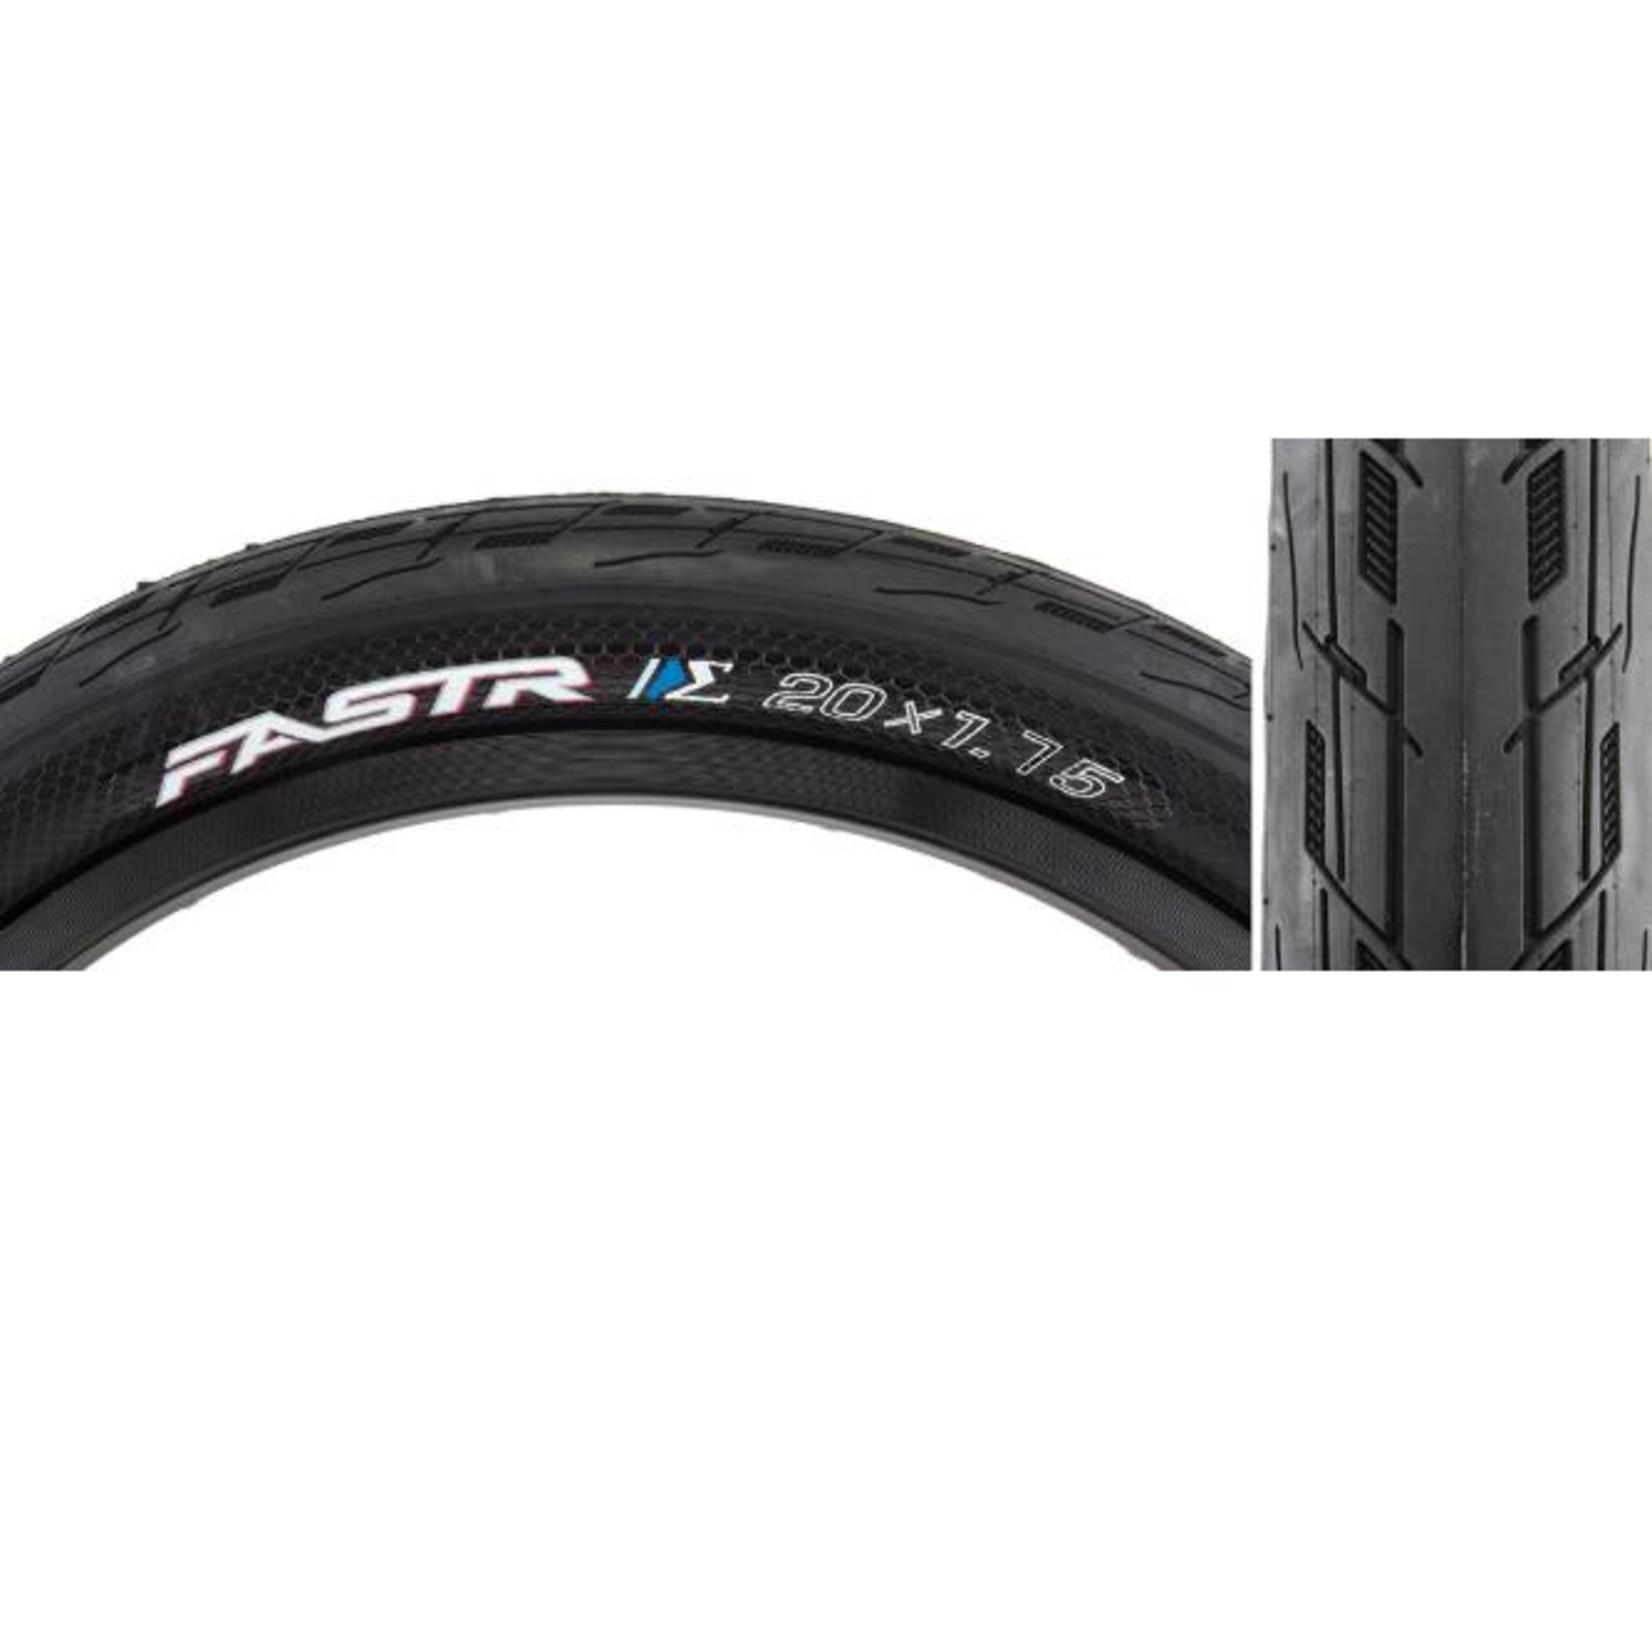 Tioga Tioga FASTR X S-Spec Tire Foldable